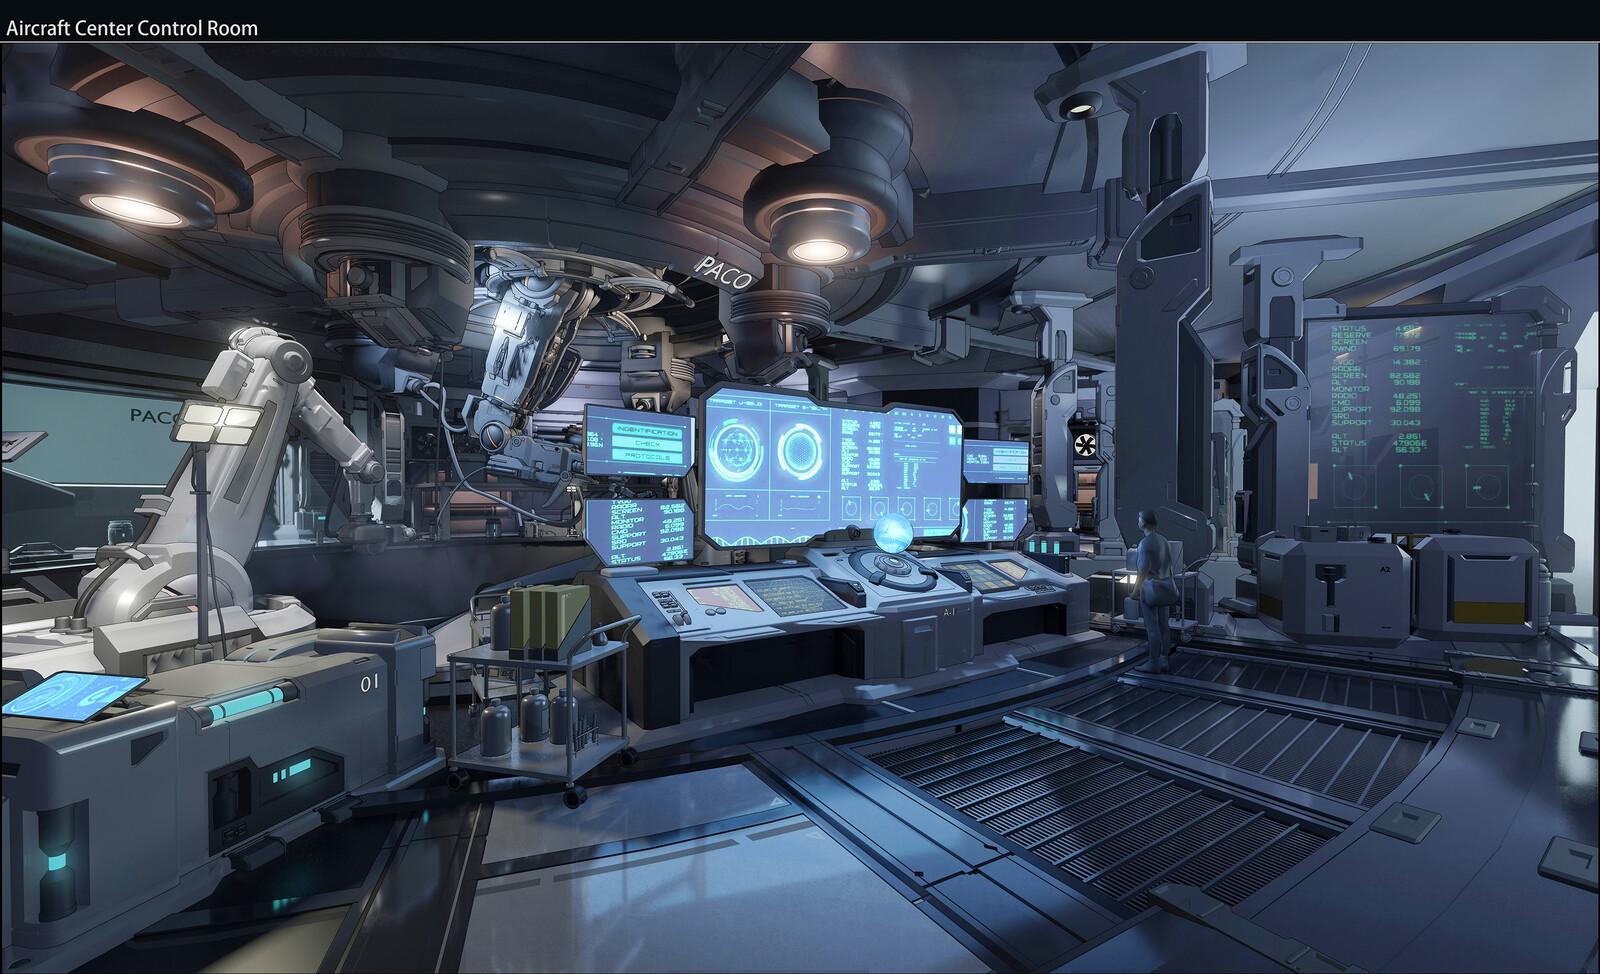 Planet L534 Sci-fi Interior